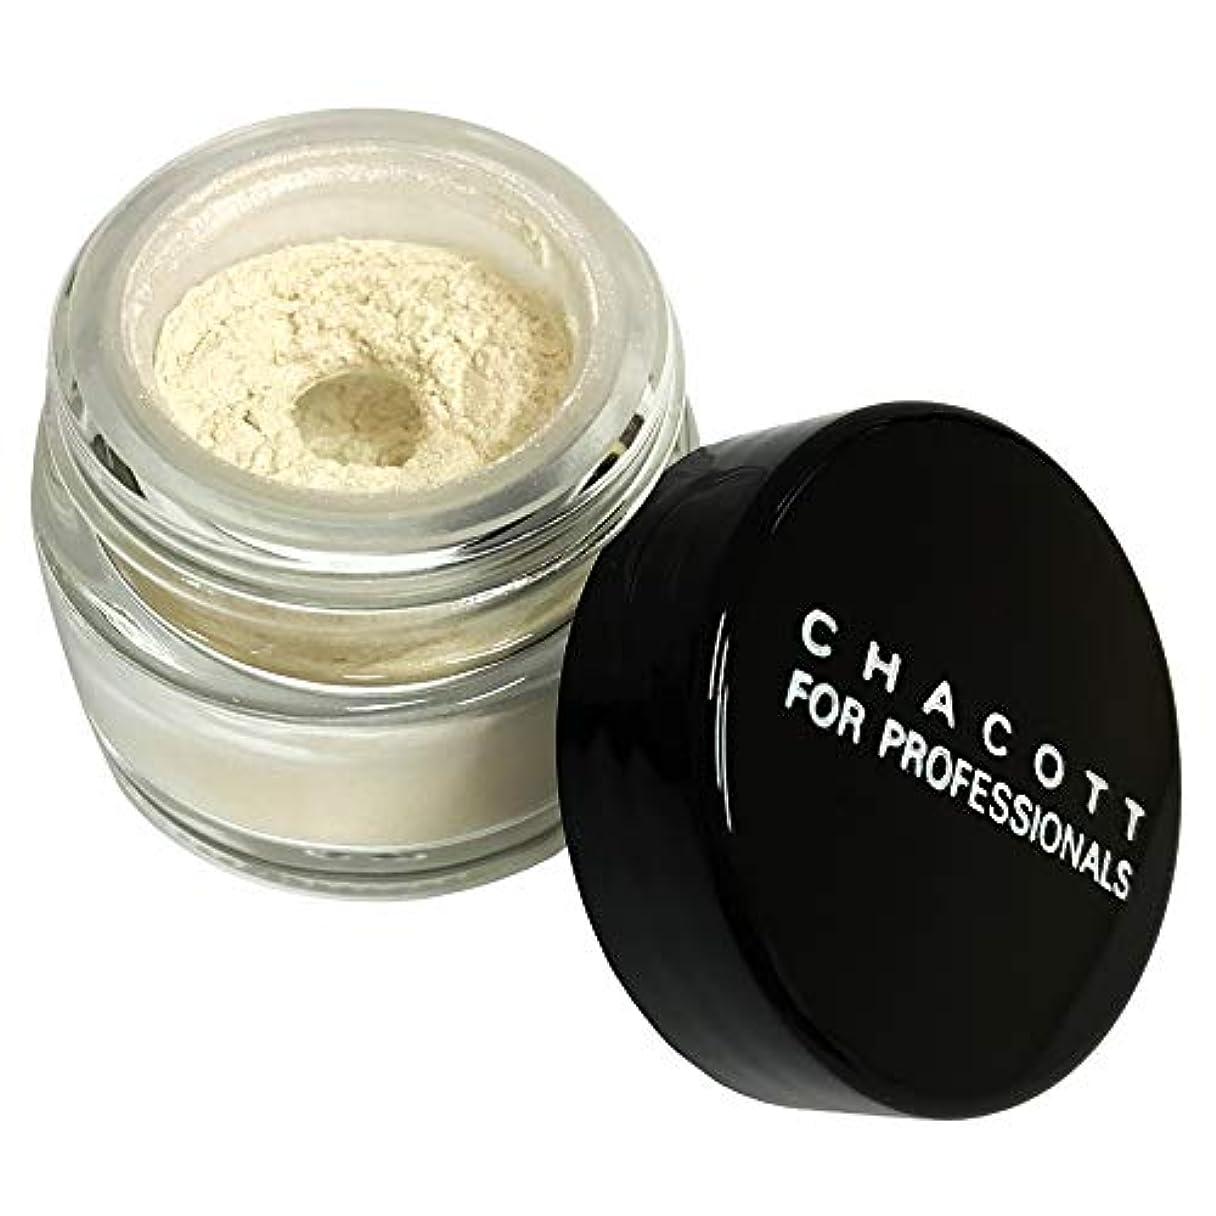 プロトタイプエイリアス医薬品CHACOTT<チャコット> メイクアップカラーバリエーション<パール> 683.ロイヤルグリーン (B)